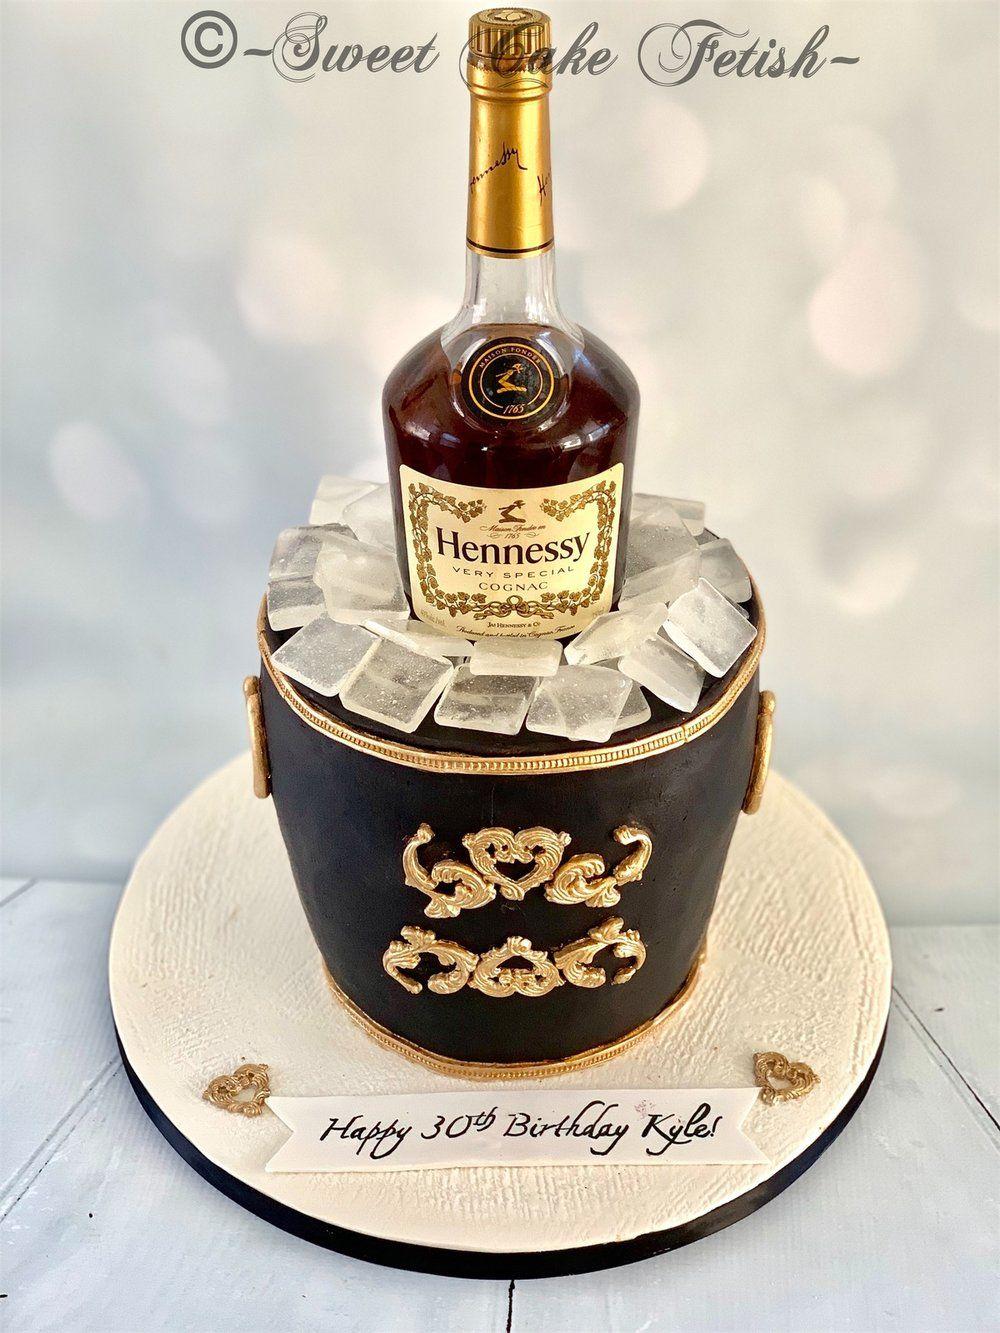 Hennessy cake birthday cake for him hennessy cake cake